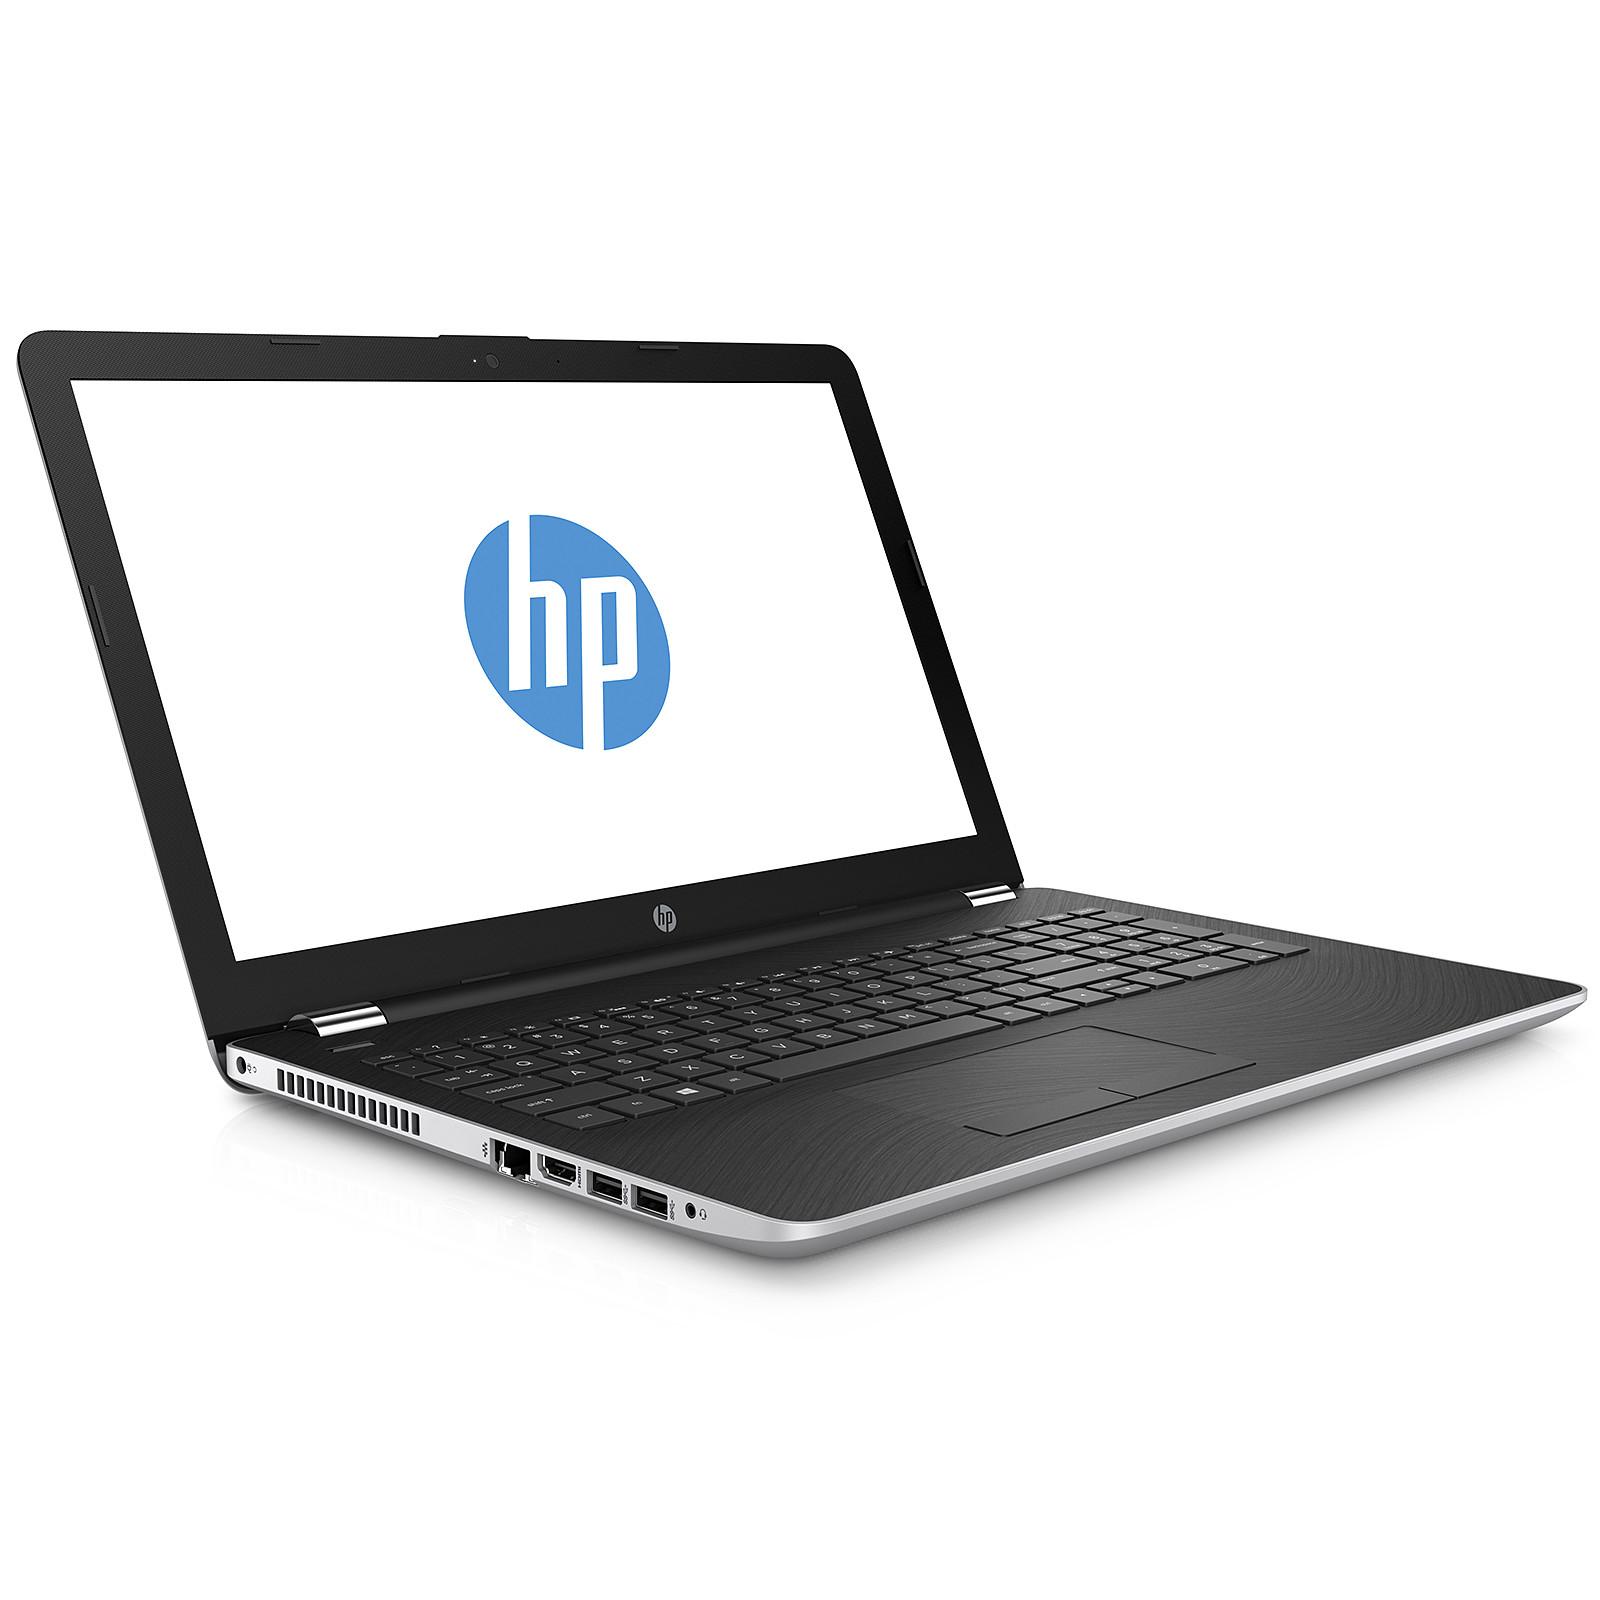 HP 15-bs023nf